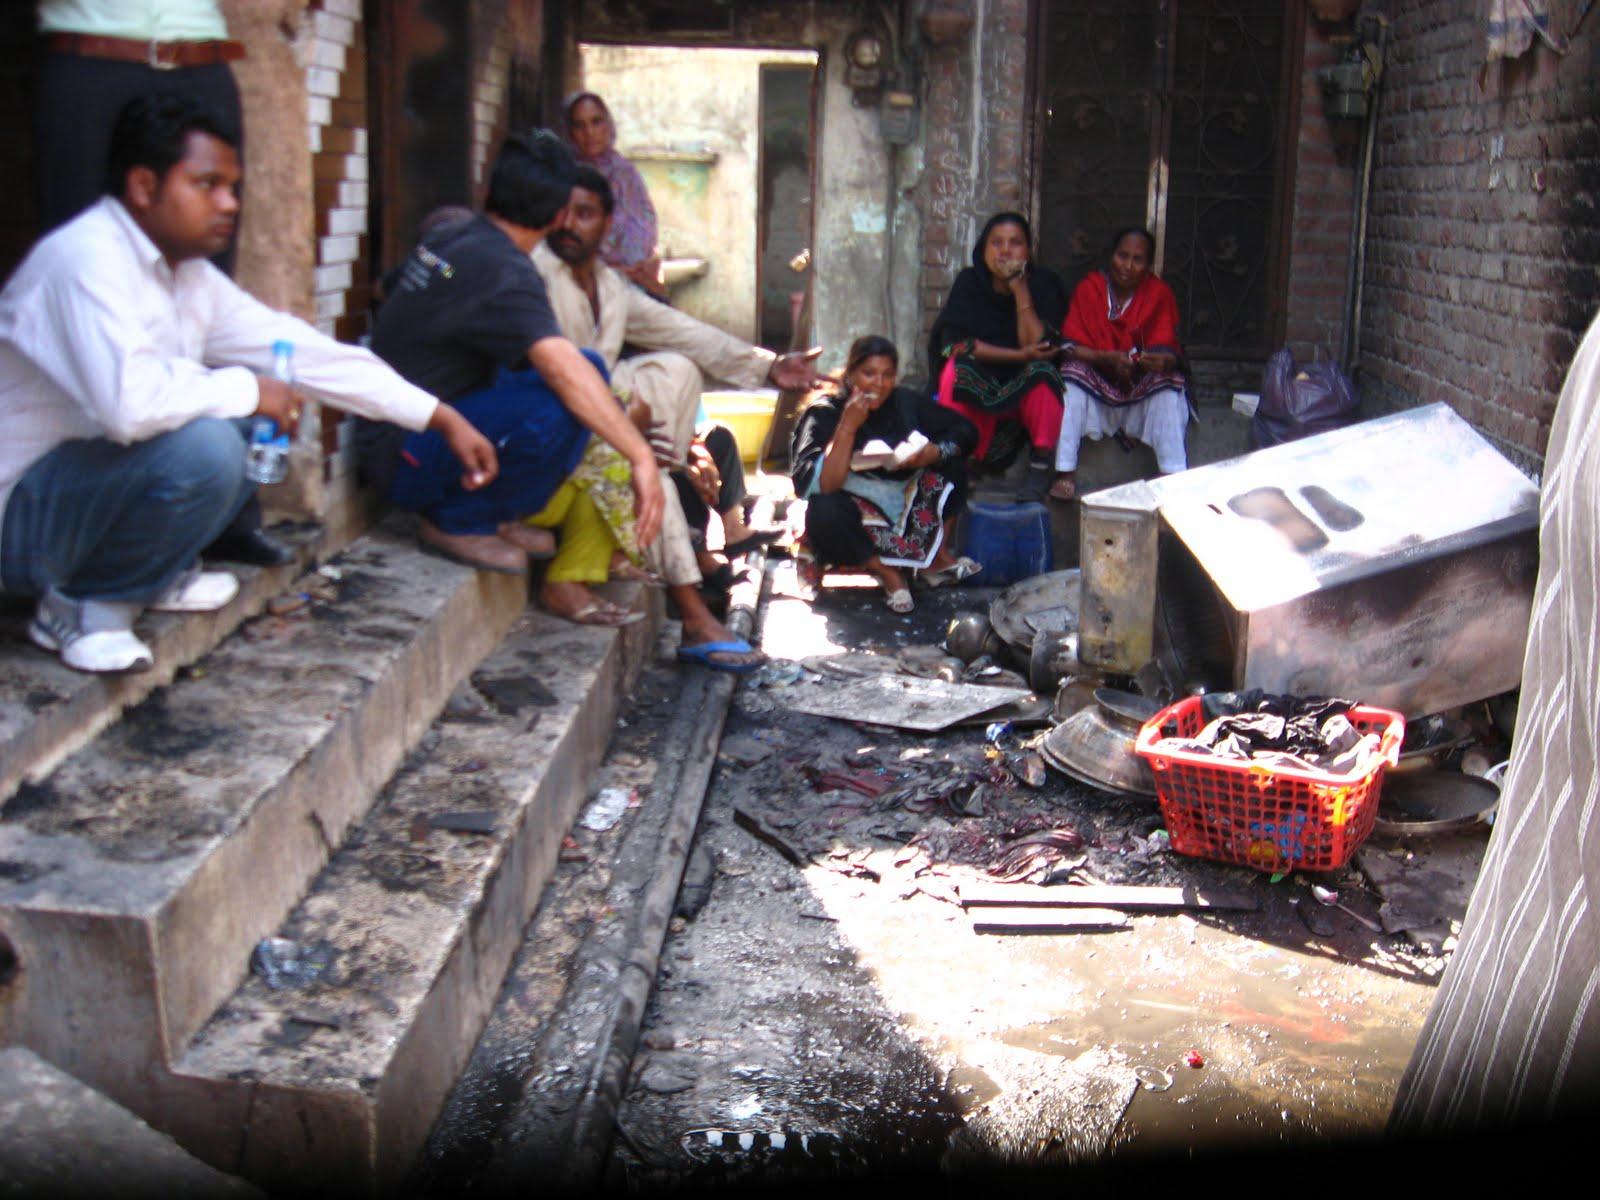 Napad_na_hriscane_u_Pakistanu_mart_2013